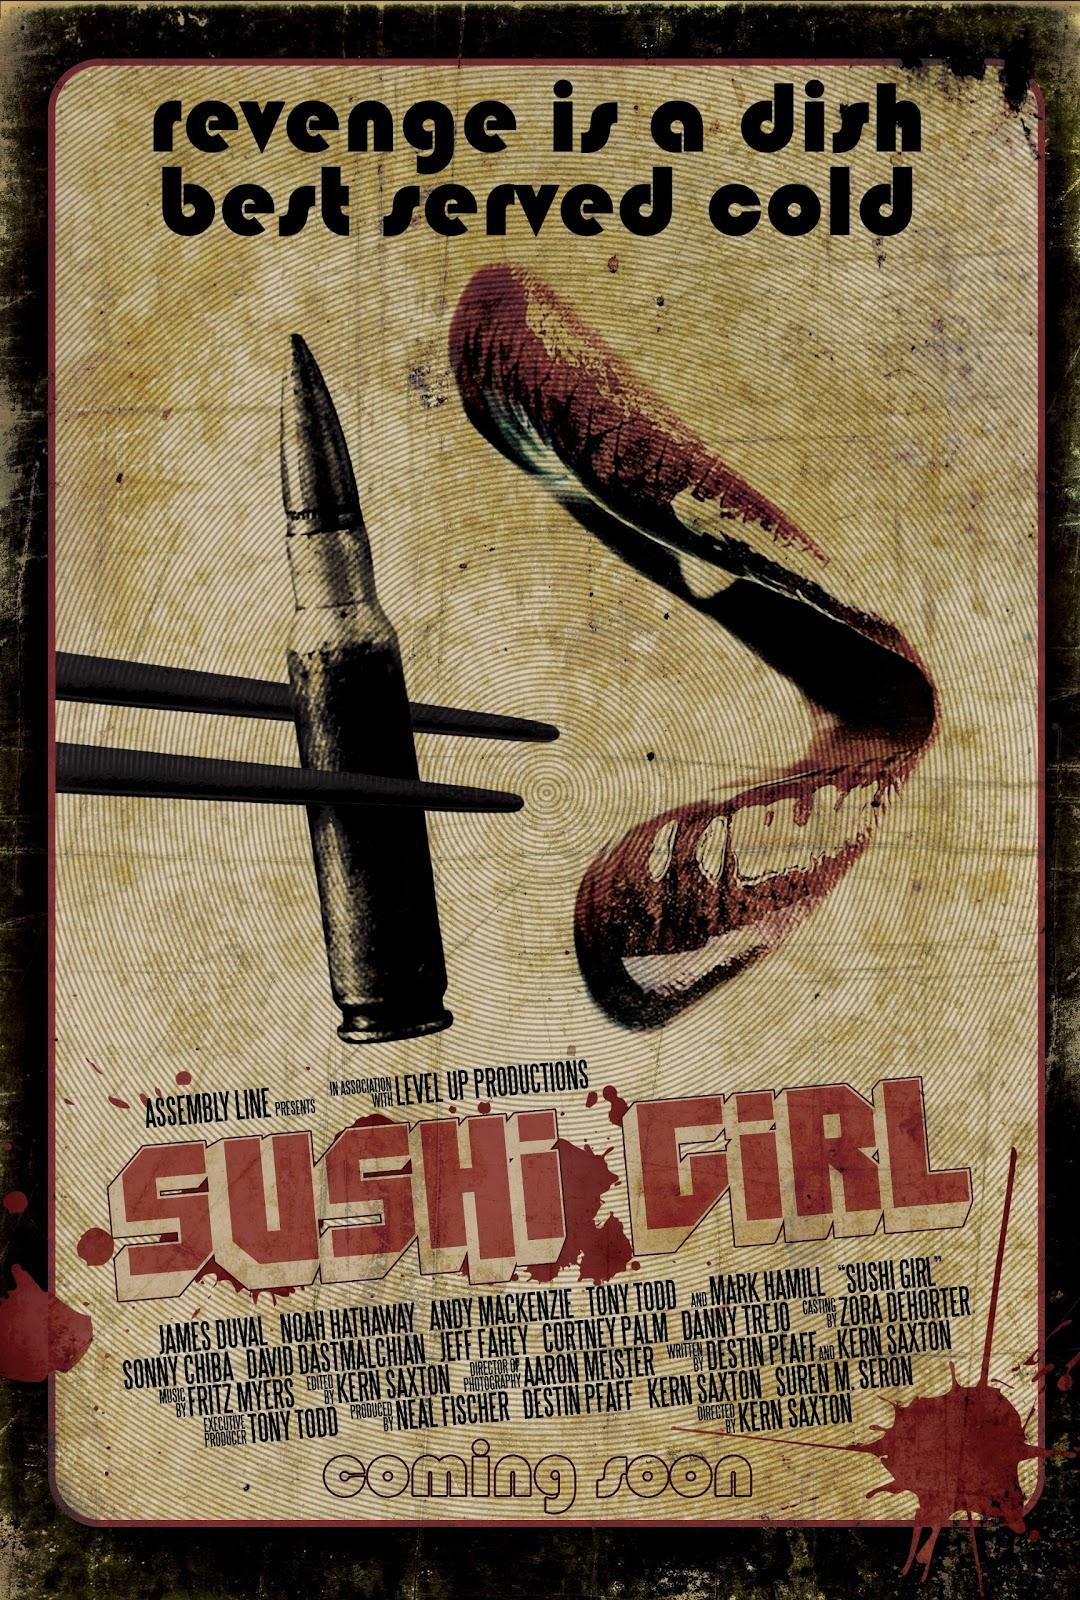 http://4.bp.blogspot.com/-gzpIdz5JrF0/UA6XwRfTTXI/AAAAAAAADkA/QKAh11vT2L8/s0/sushi-girl-poster.jpg